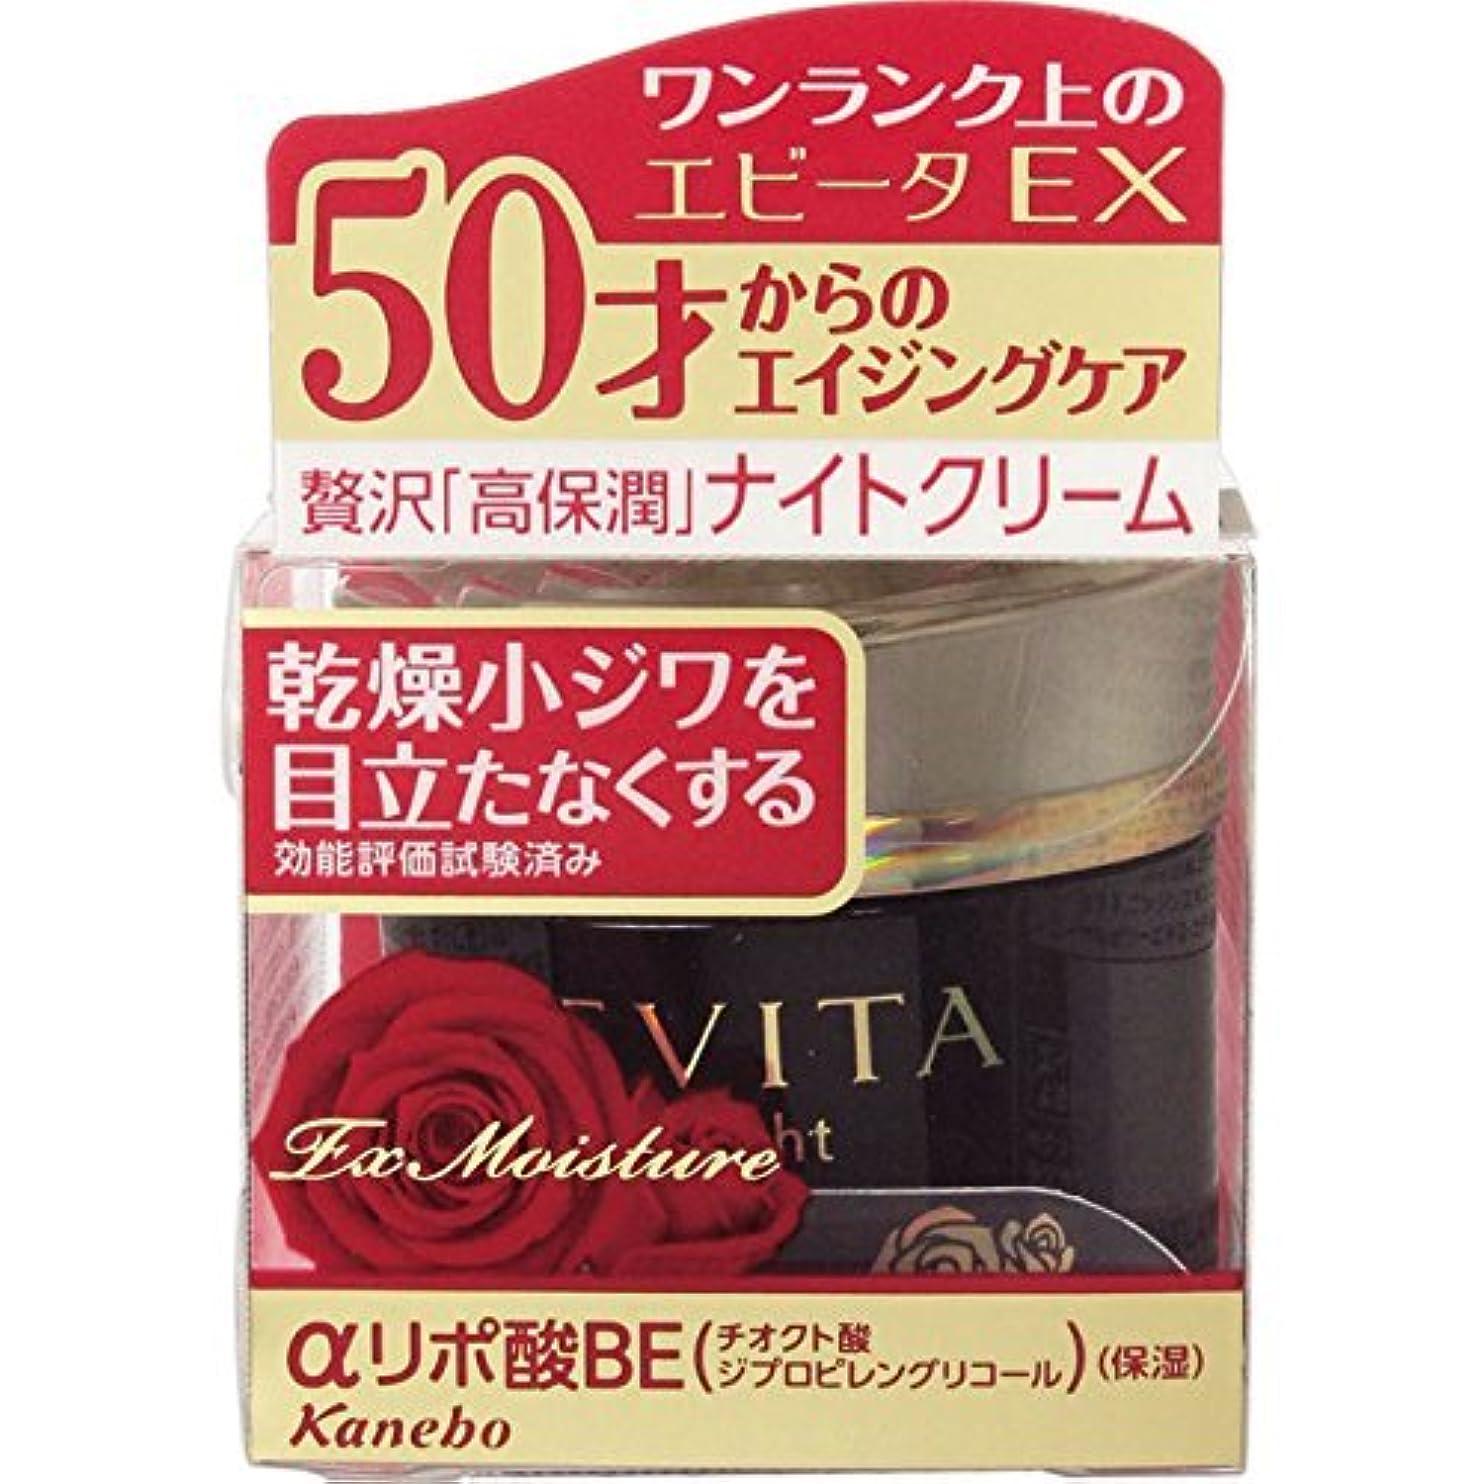 弱い反論心配するカネボウエビータ(EVITA)EXスーペリアナイトA 35g [ヘルスケア&ケア用品]